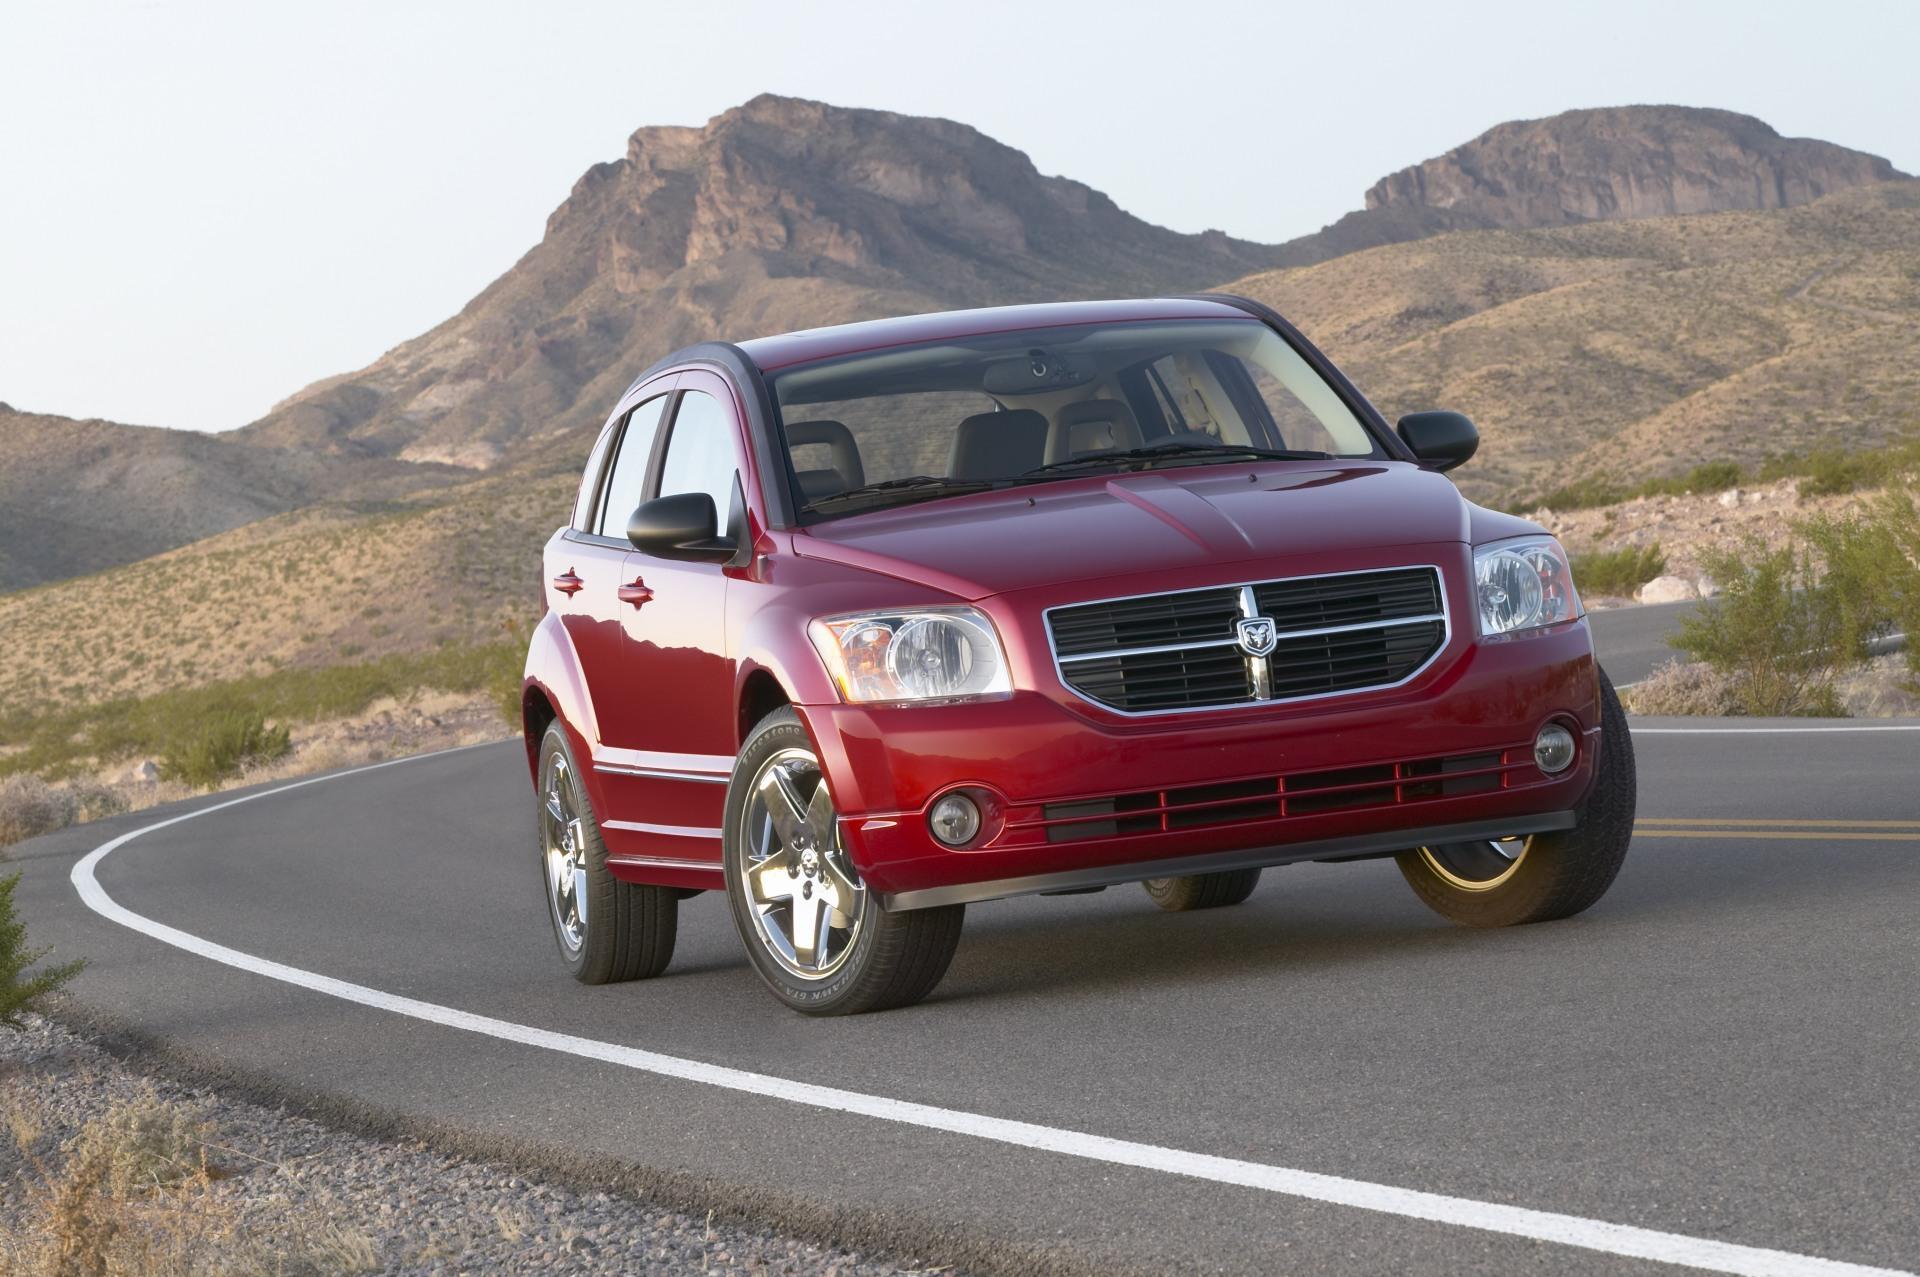 2009 Dodge Caliber News And Information Conceptcarz Com